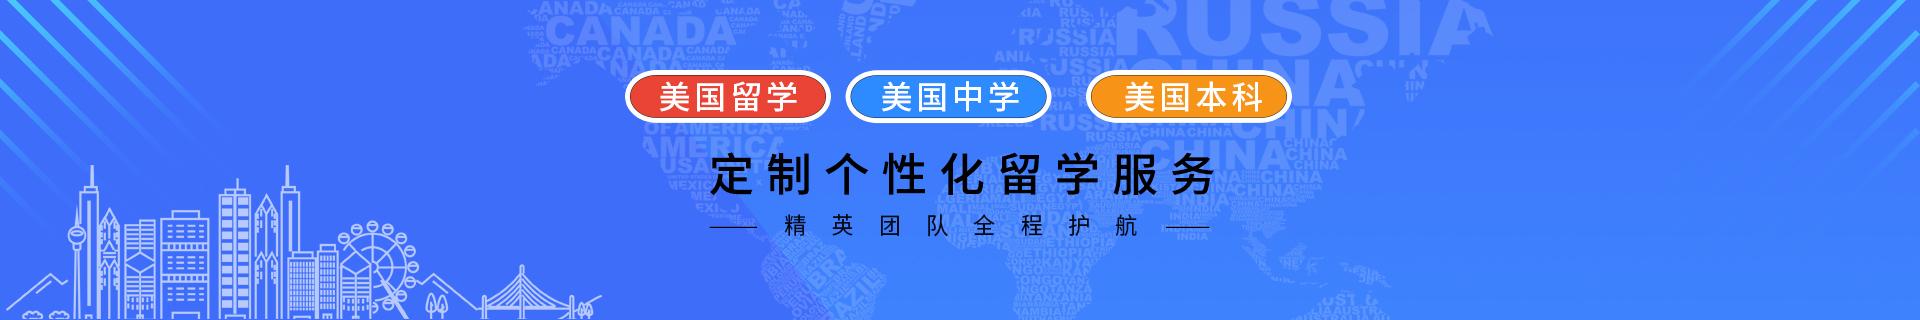 上海徐汇新东方前途出国培训机构